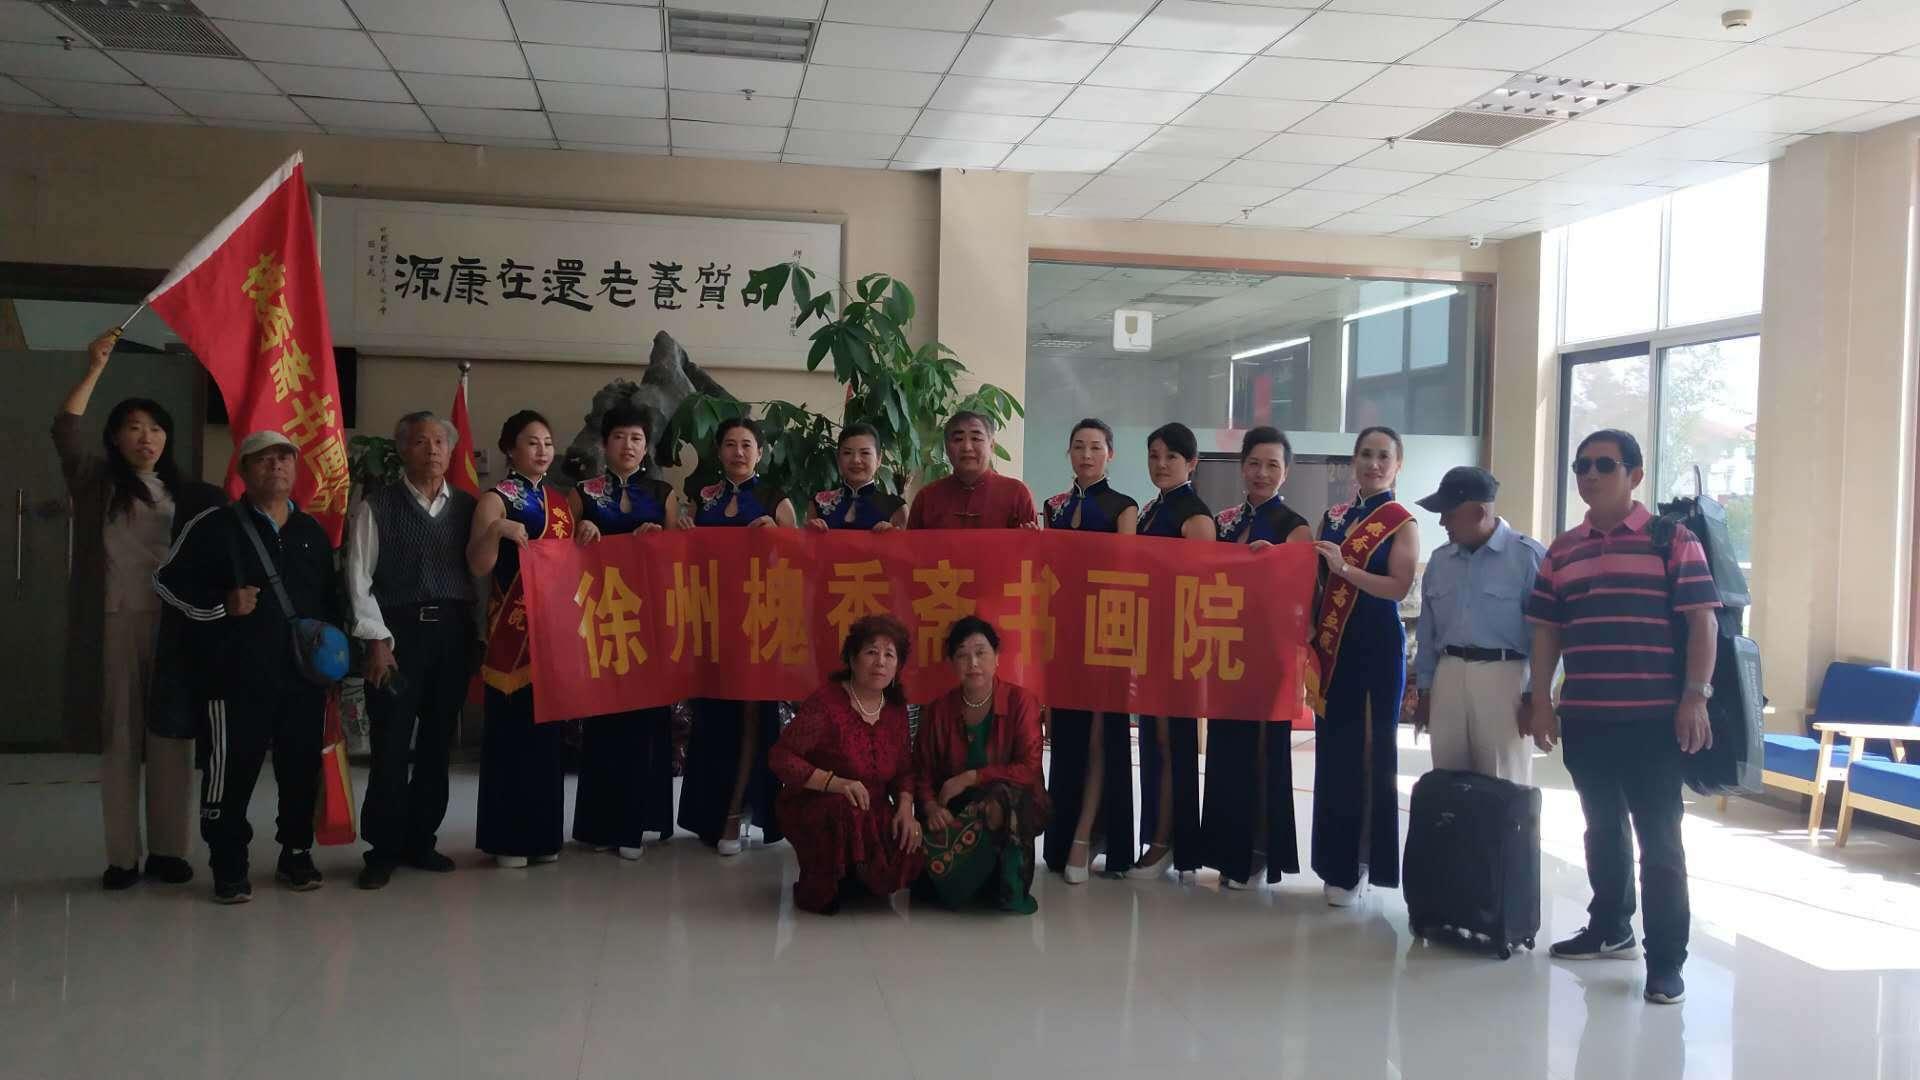 庆国庆中秋!徐州三友艺术团慰问徐州康源老年护理院